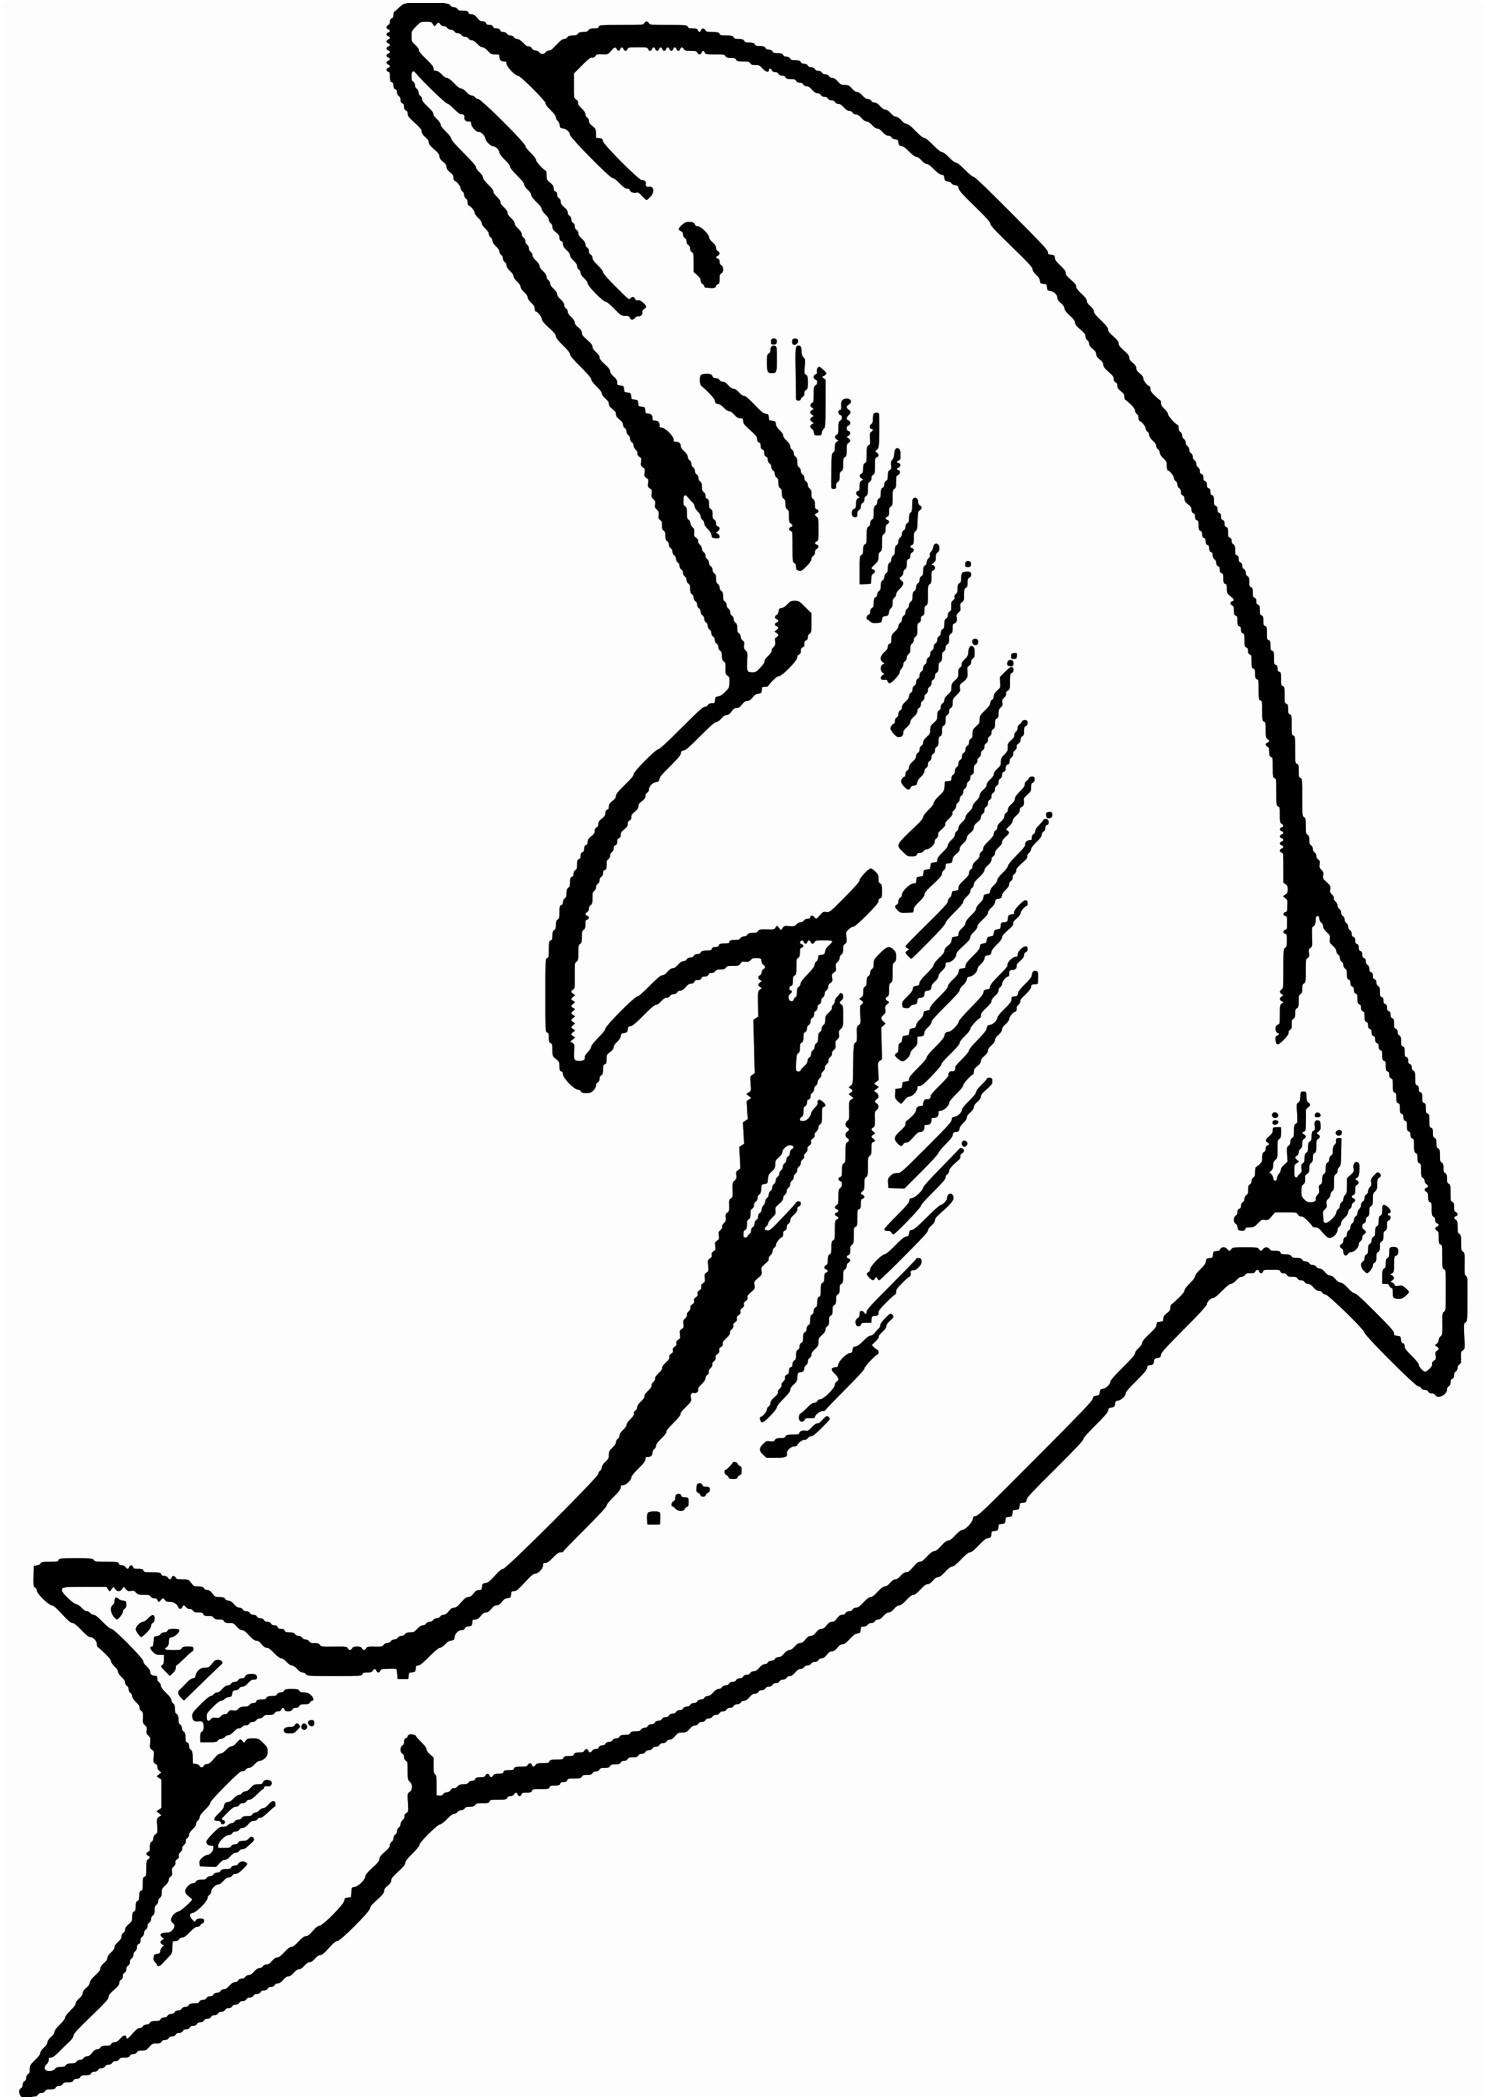 Ausmalbilder Delphine Zum Ausdrucken Inspirierend 31 Neu Delfin Ausmalbild – Große Coloring Page Sammlung Fotos